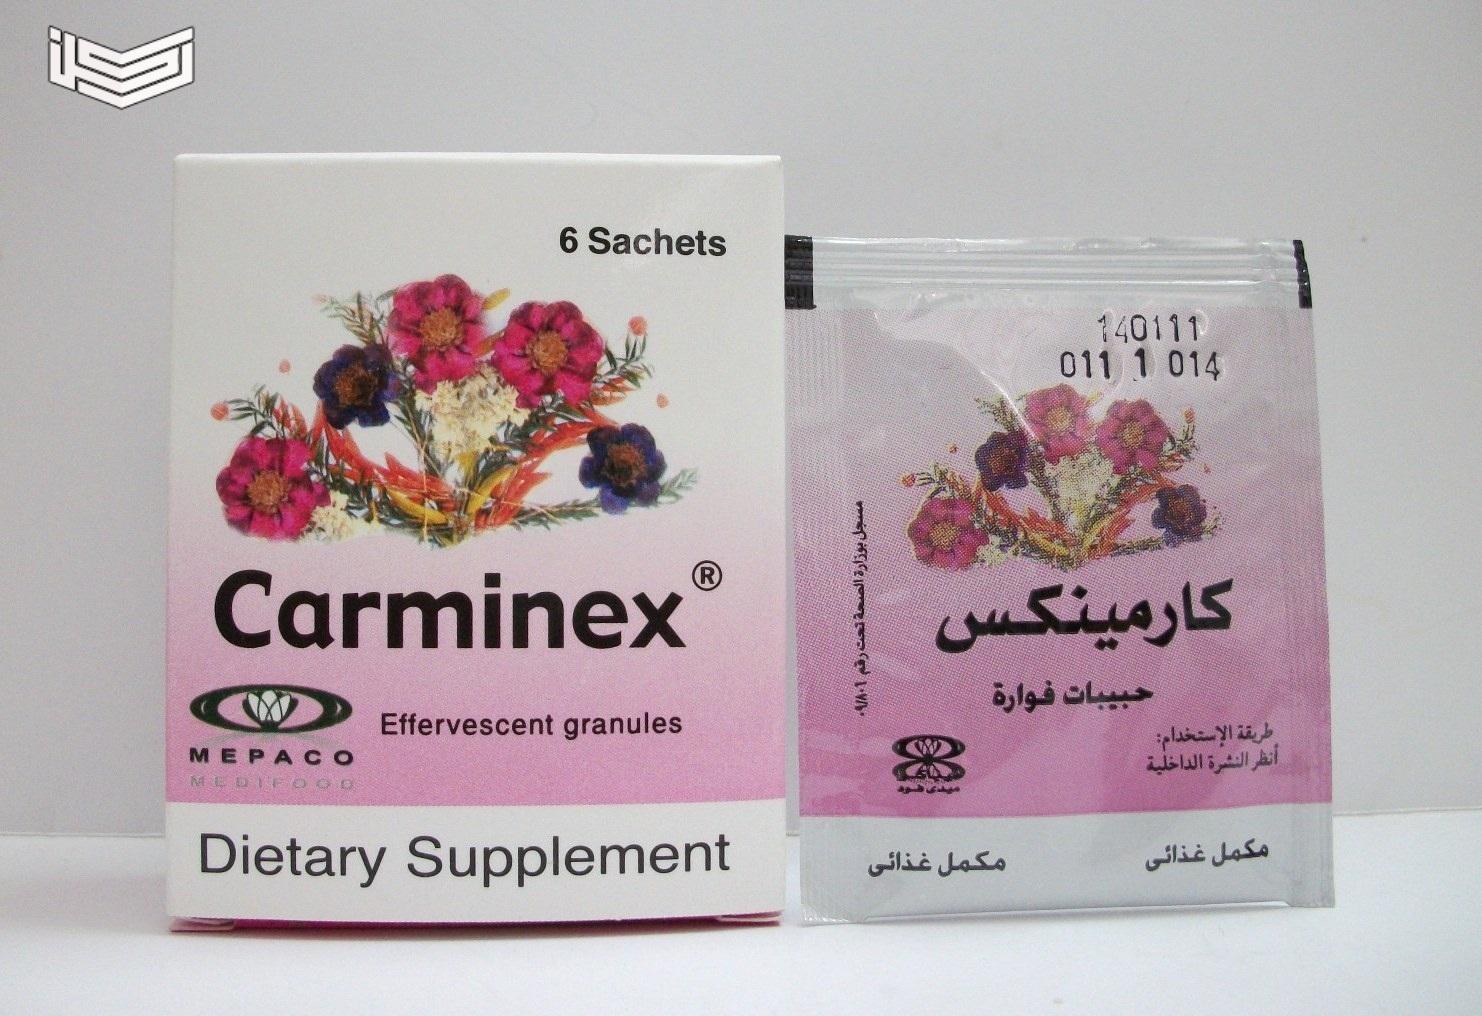 دواعي استعمال دواء كارمينكس Carminex أكياس فوار